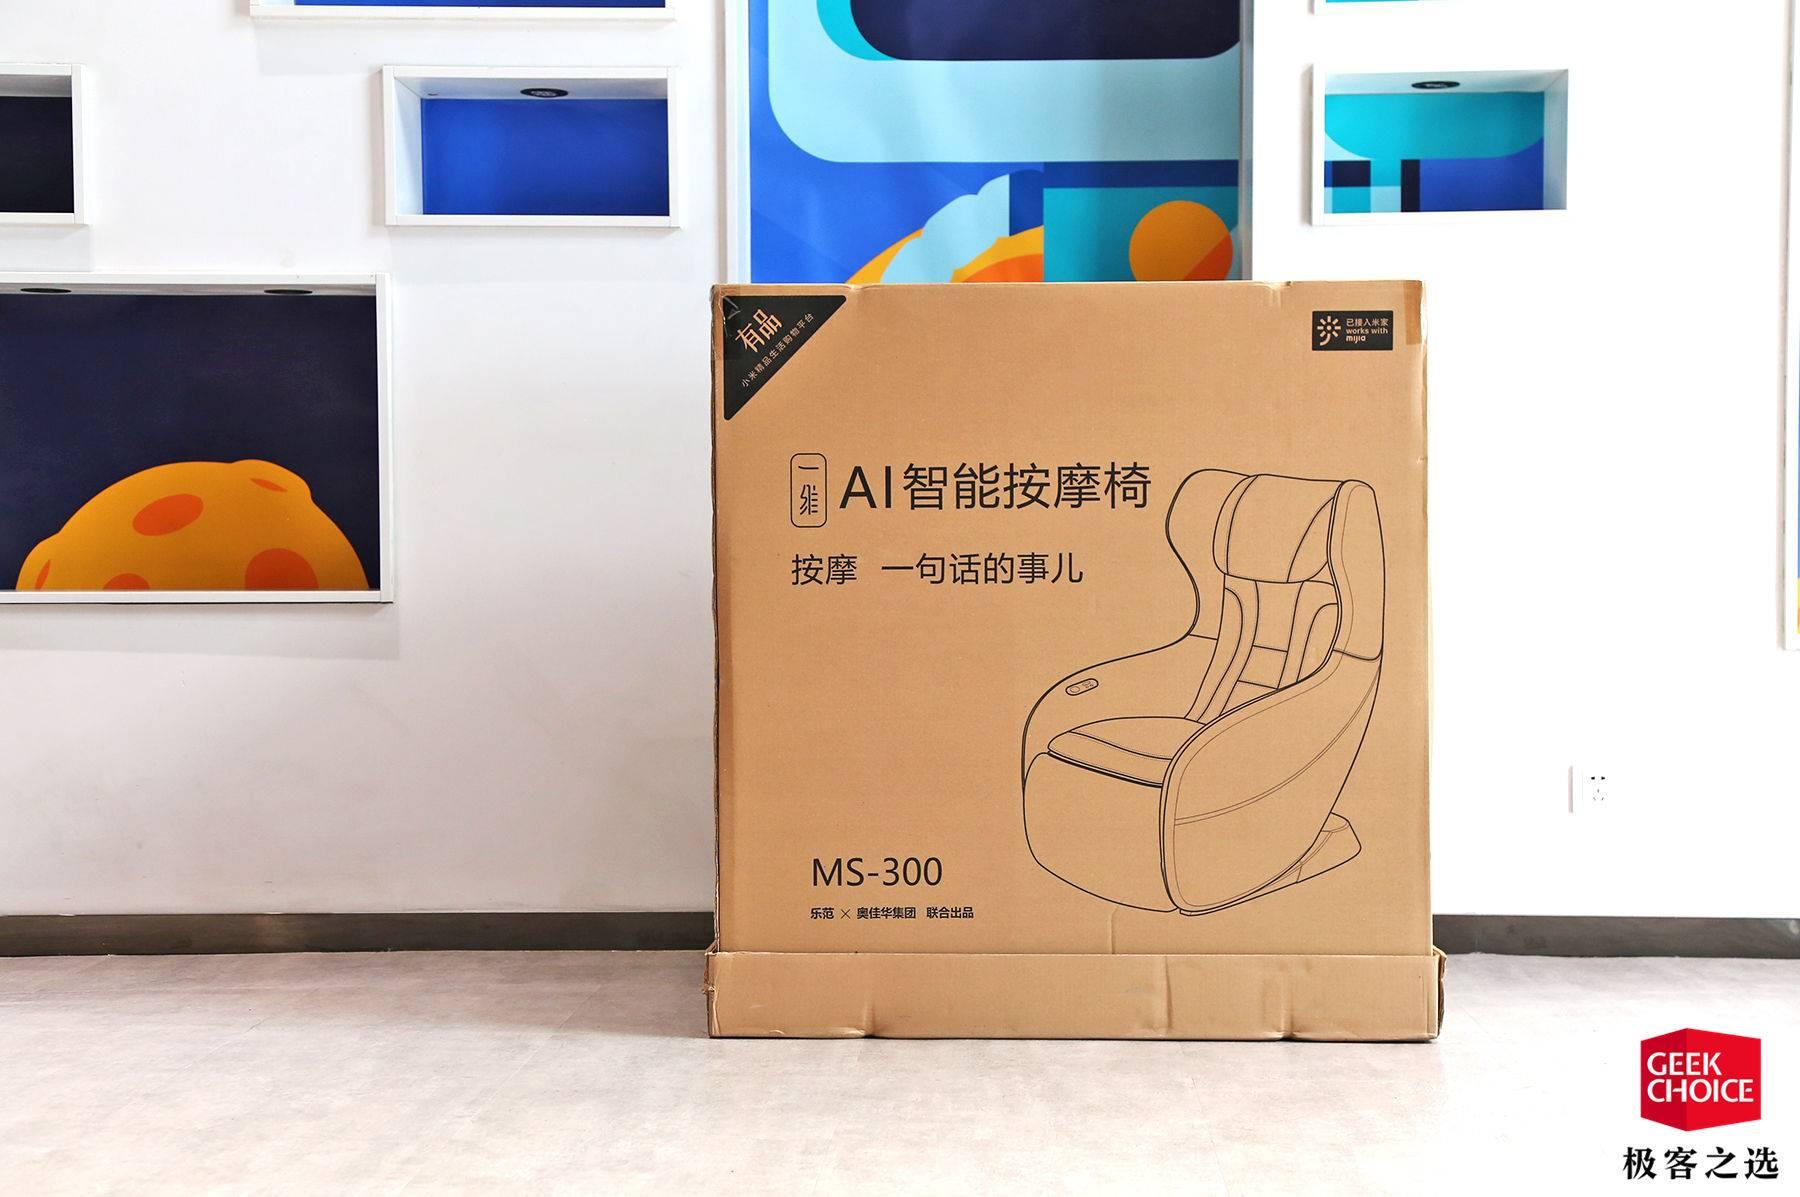 乐范一维 AI 智能按摩椅图赏:支持小爱同学,只要 3999 元就能买到